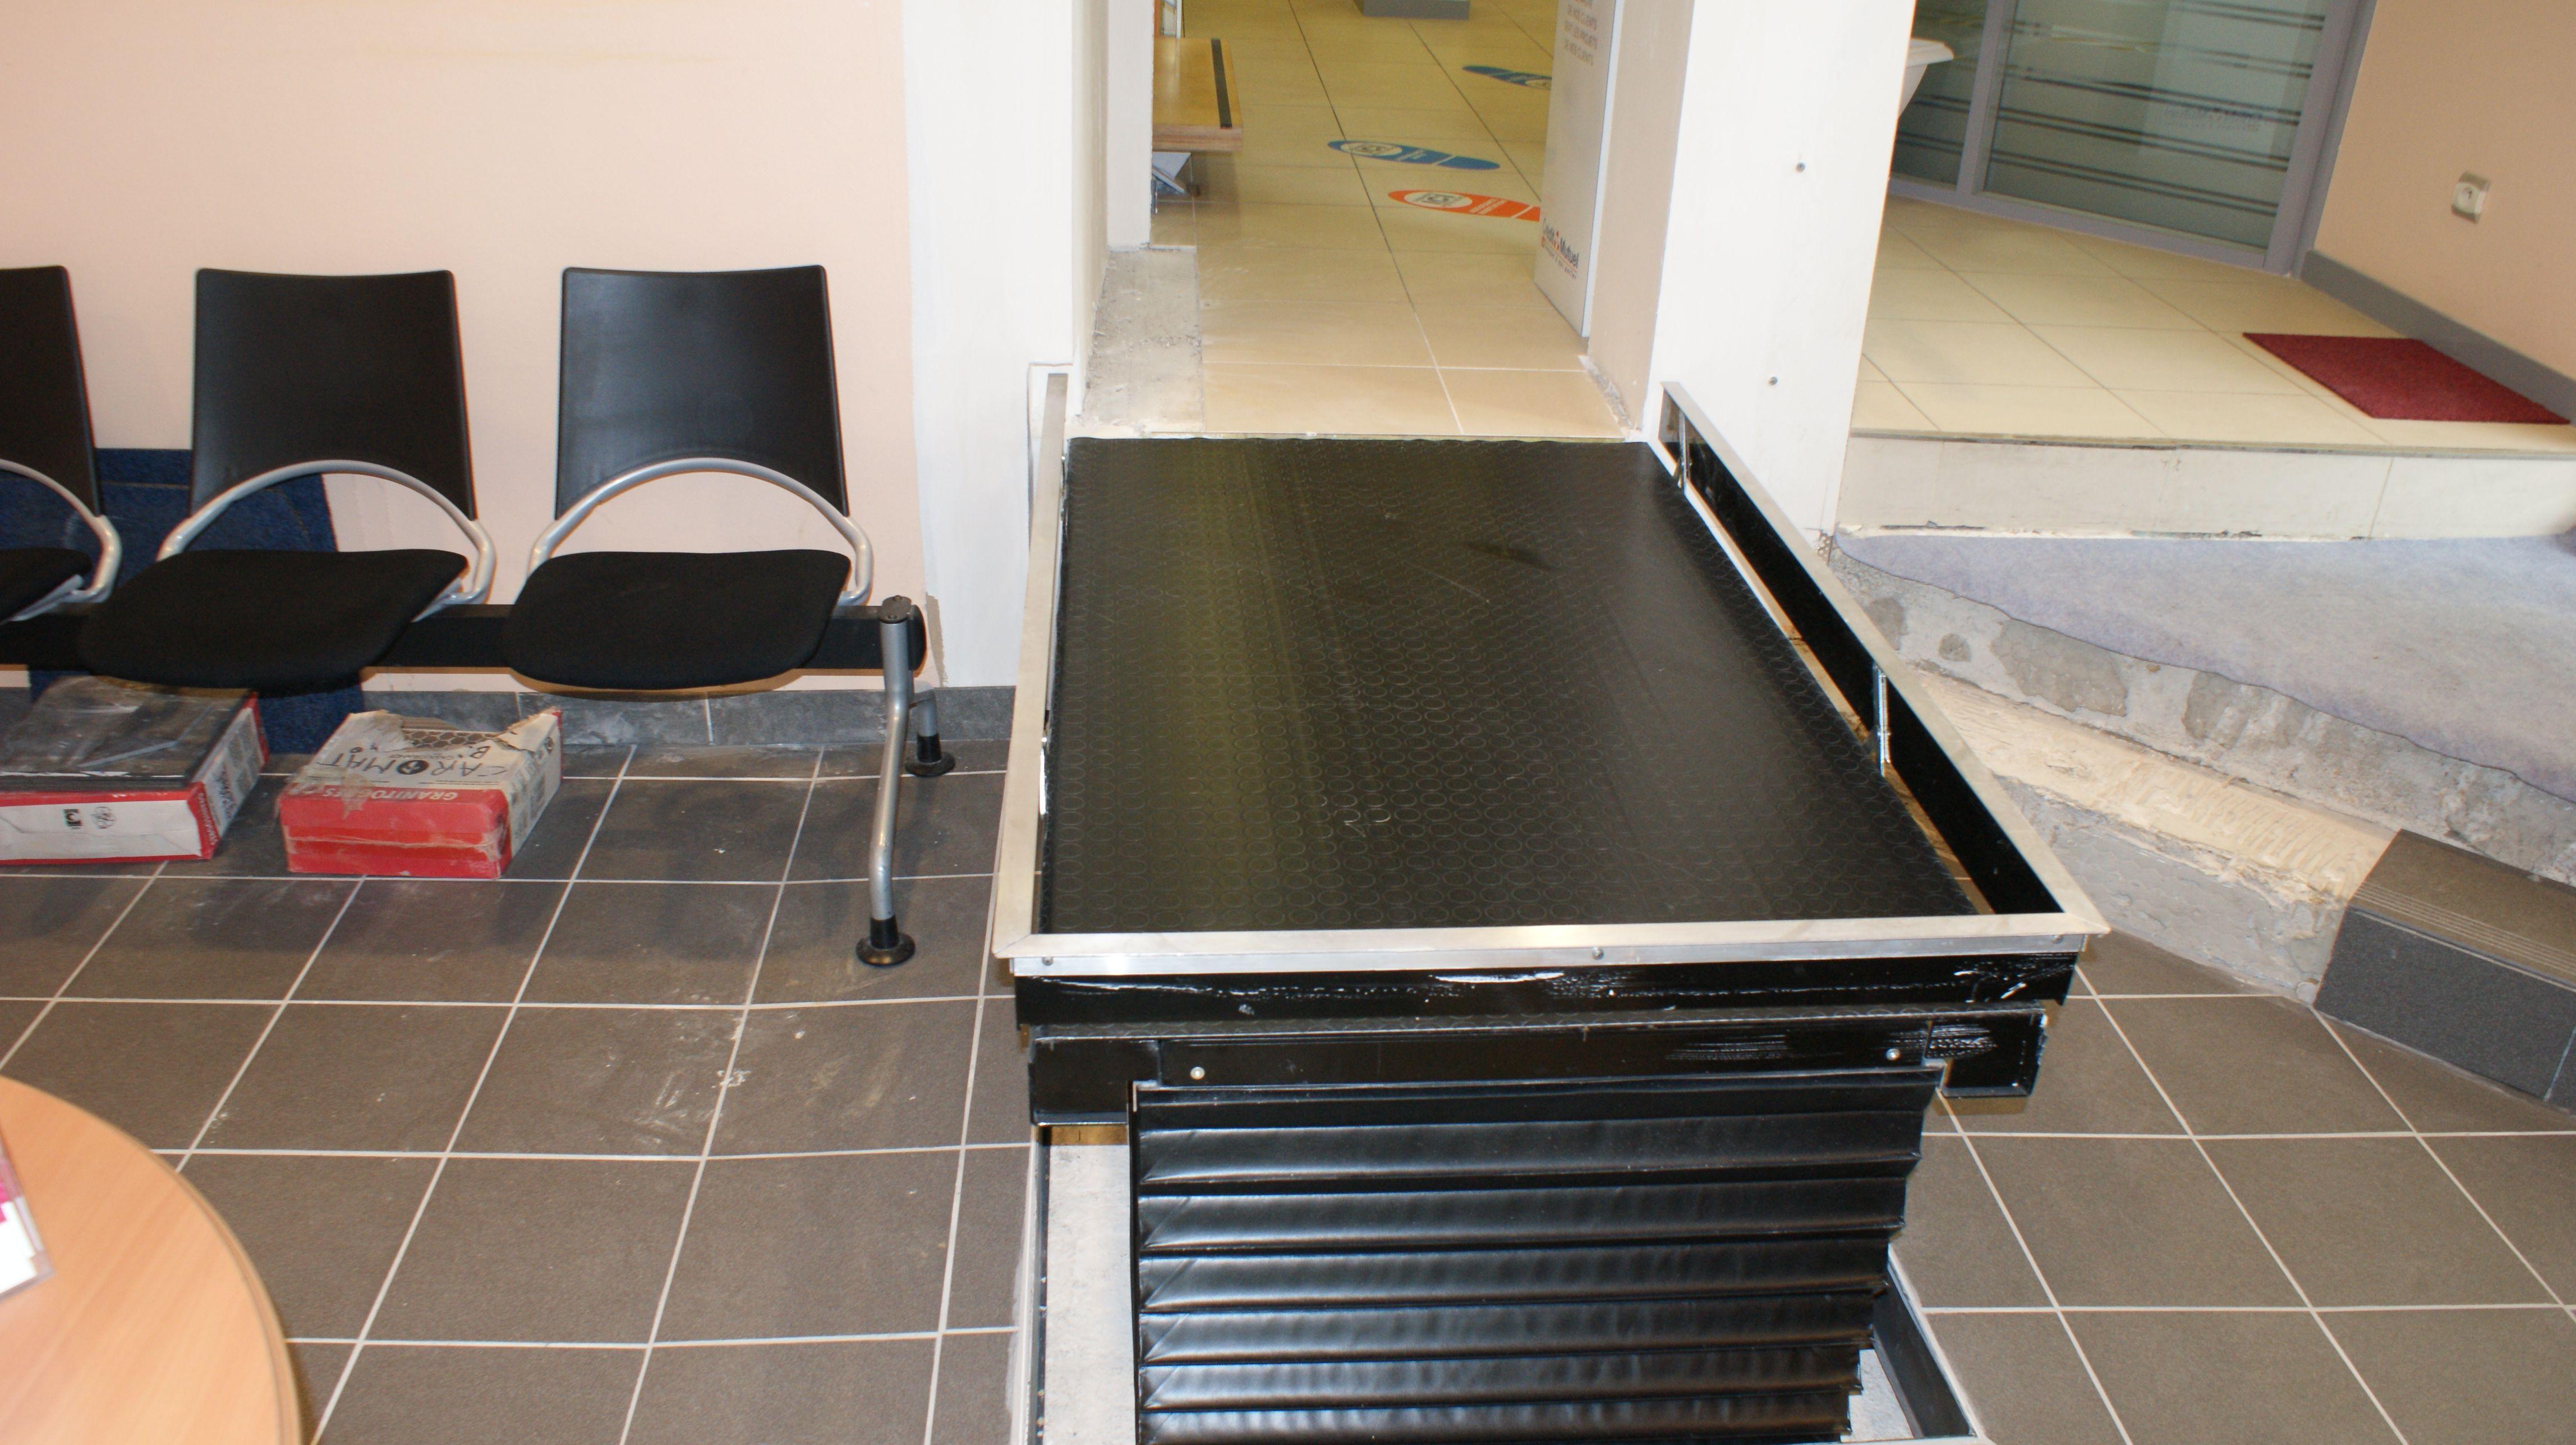 Accessibilite Erp Salle De Bain ~ cette plateforme est adapt e pour les e r p accessibilit